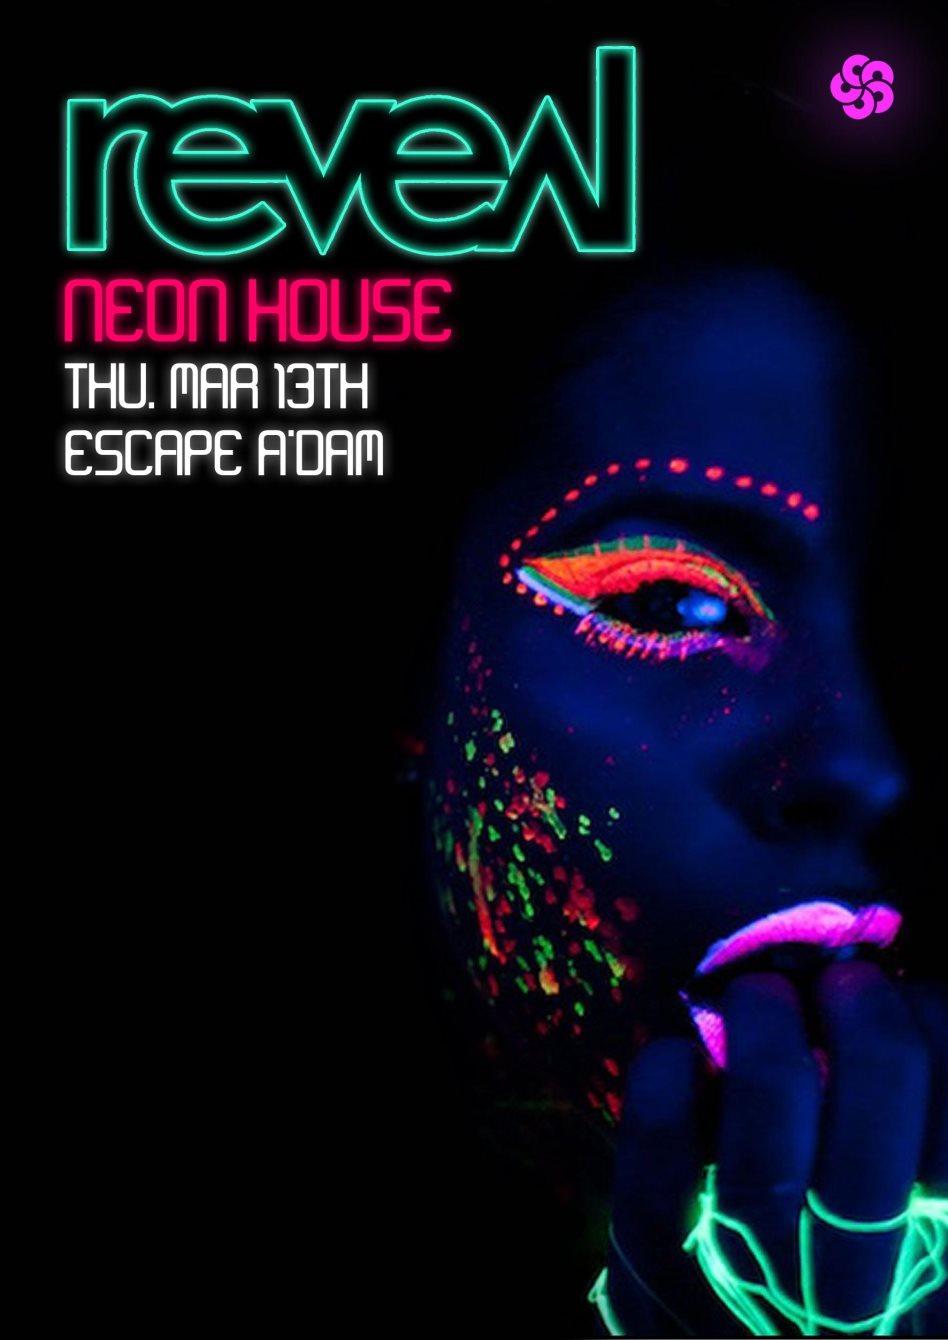 Neon Party Invitation with perfect invitation design